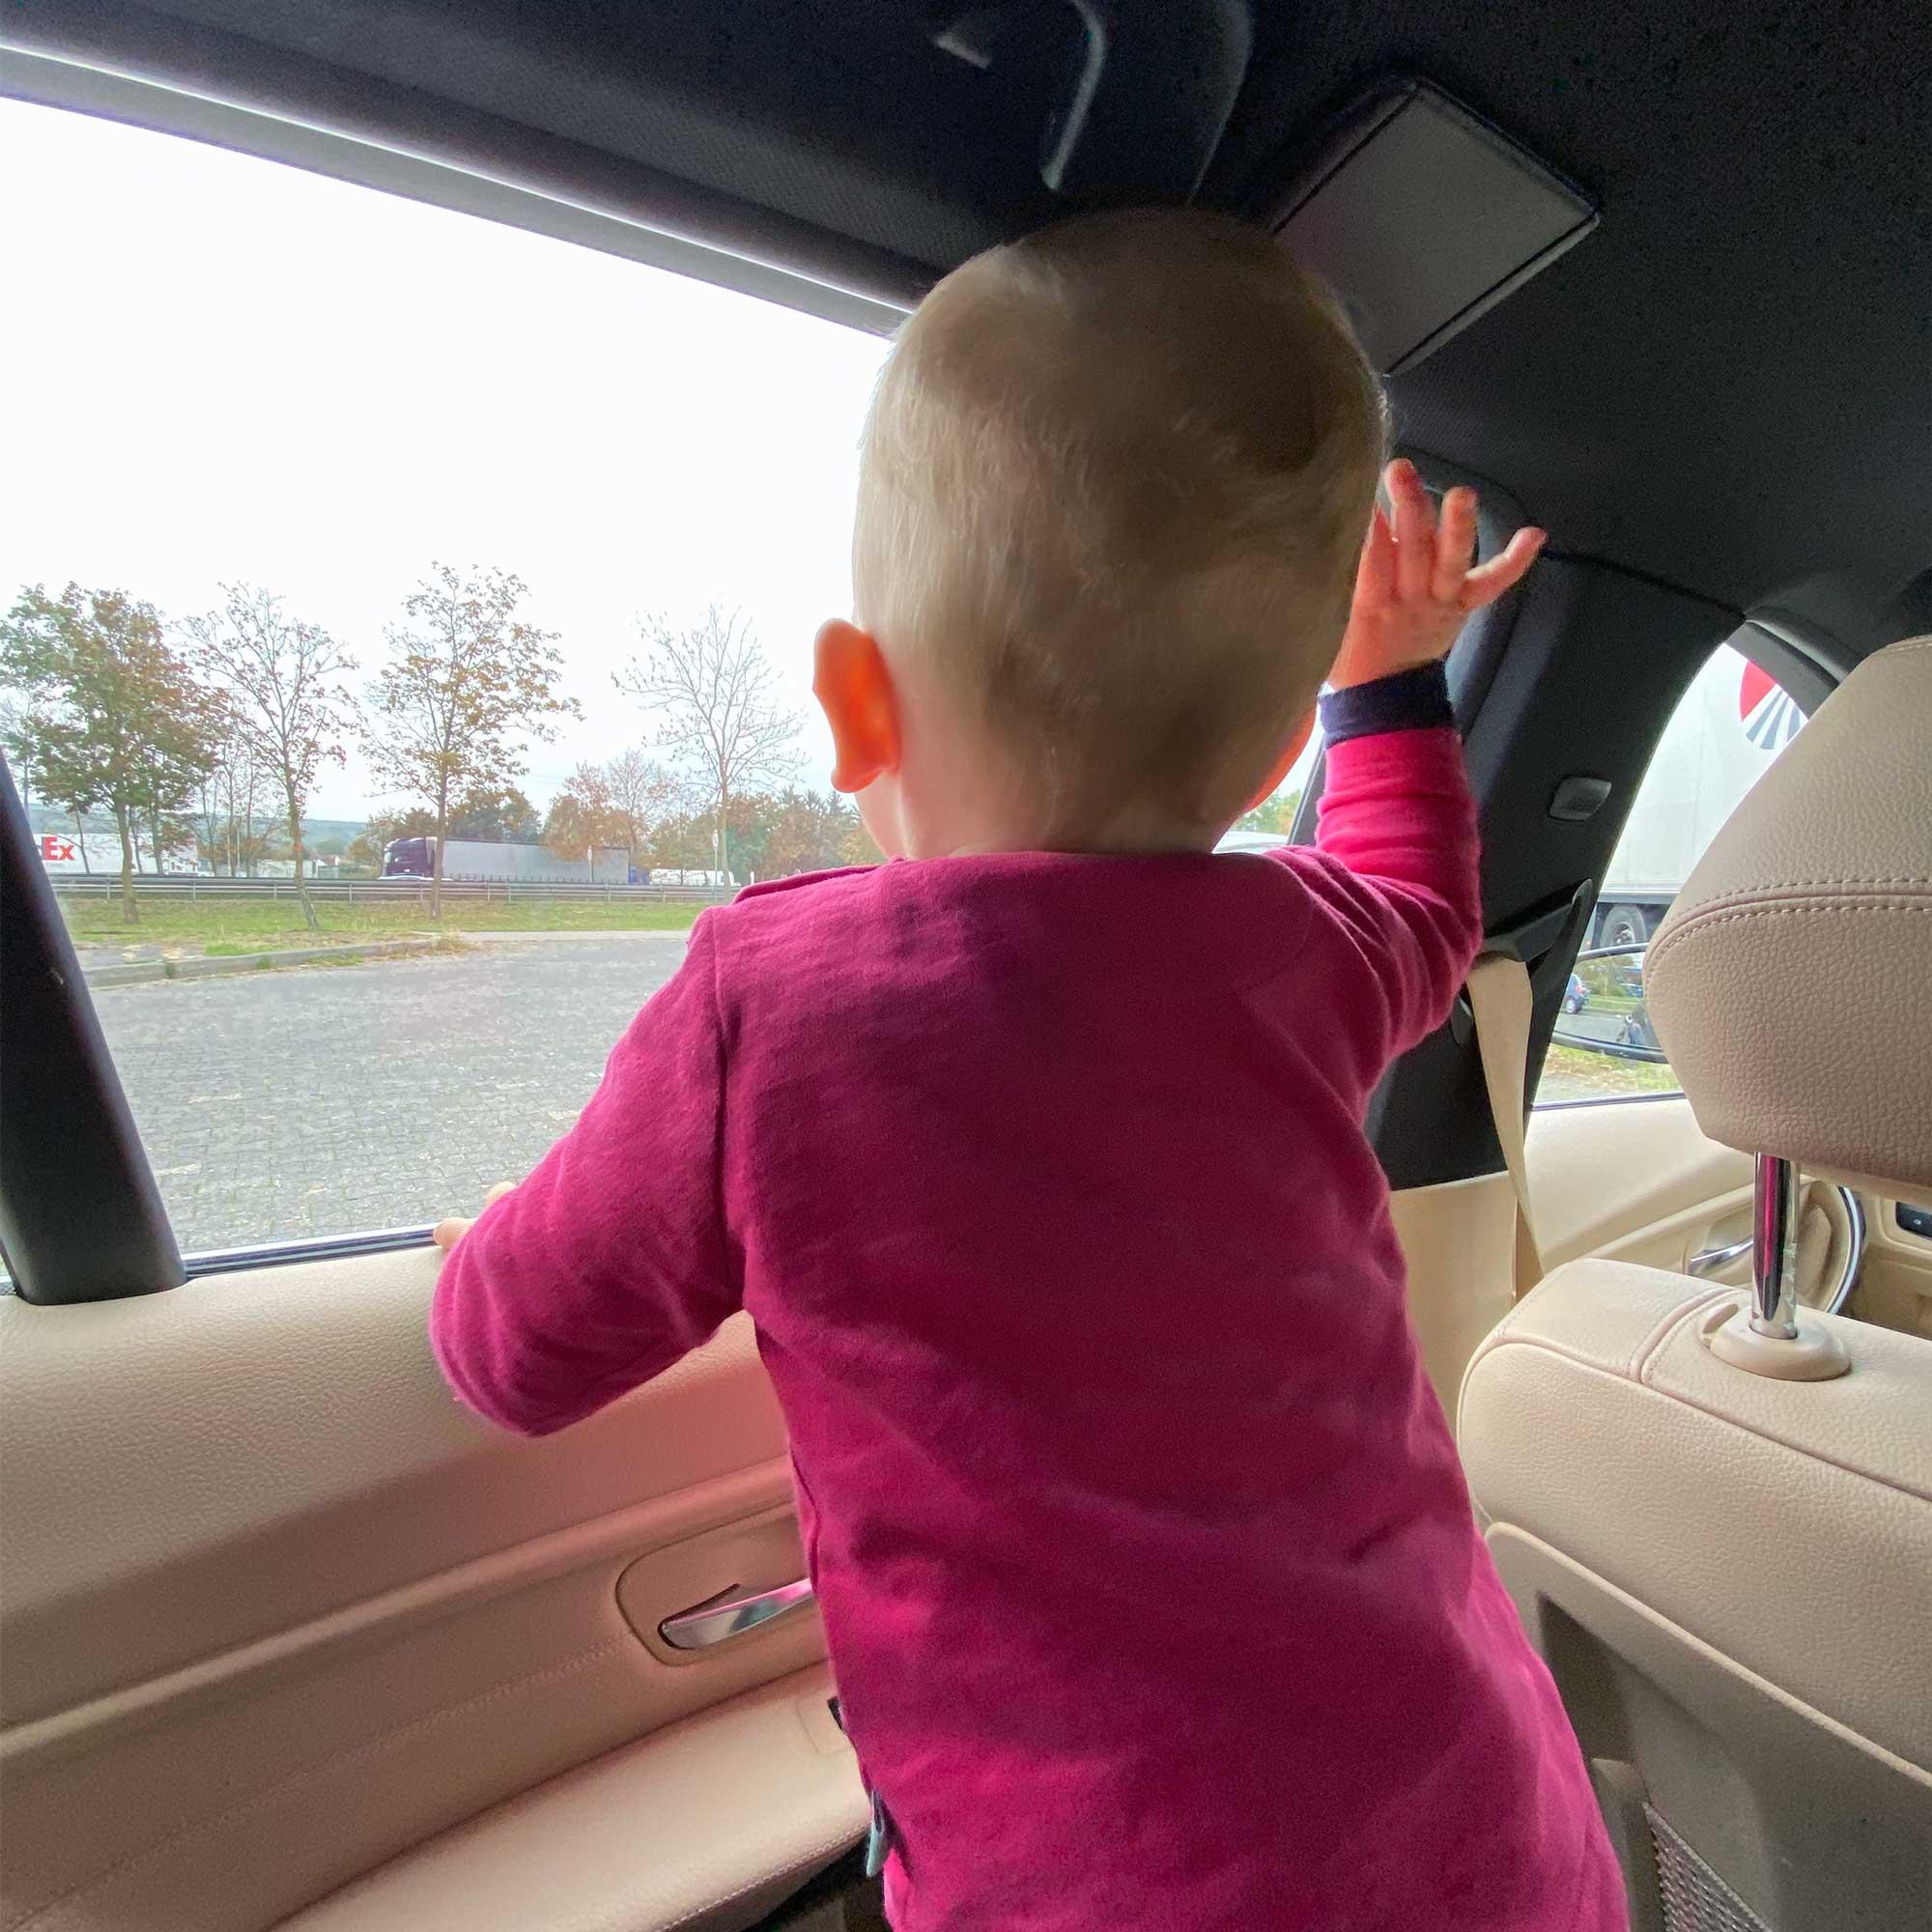 Ein Kind steht auf dem Rücksitz und blickt durch das Seitenfesnter auf die vorbeilaufende Autobahn. Es winkt mit dem rechten Arm den Lastwagen zu.